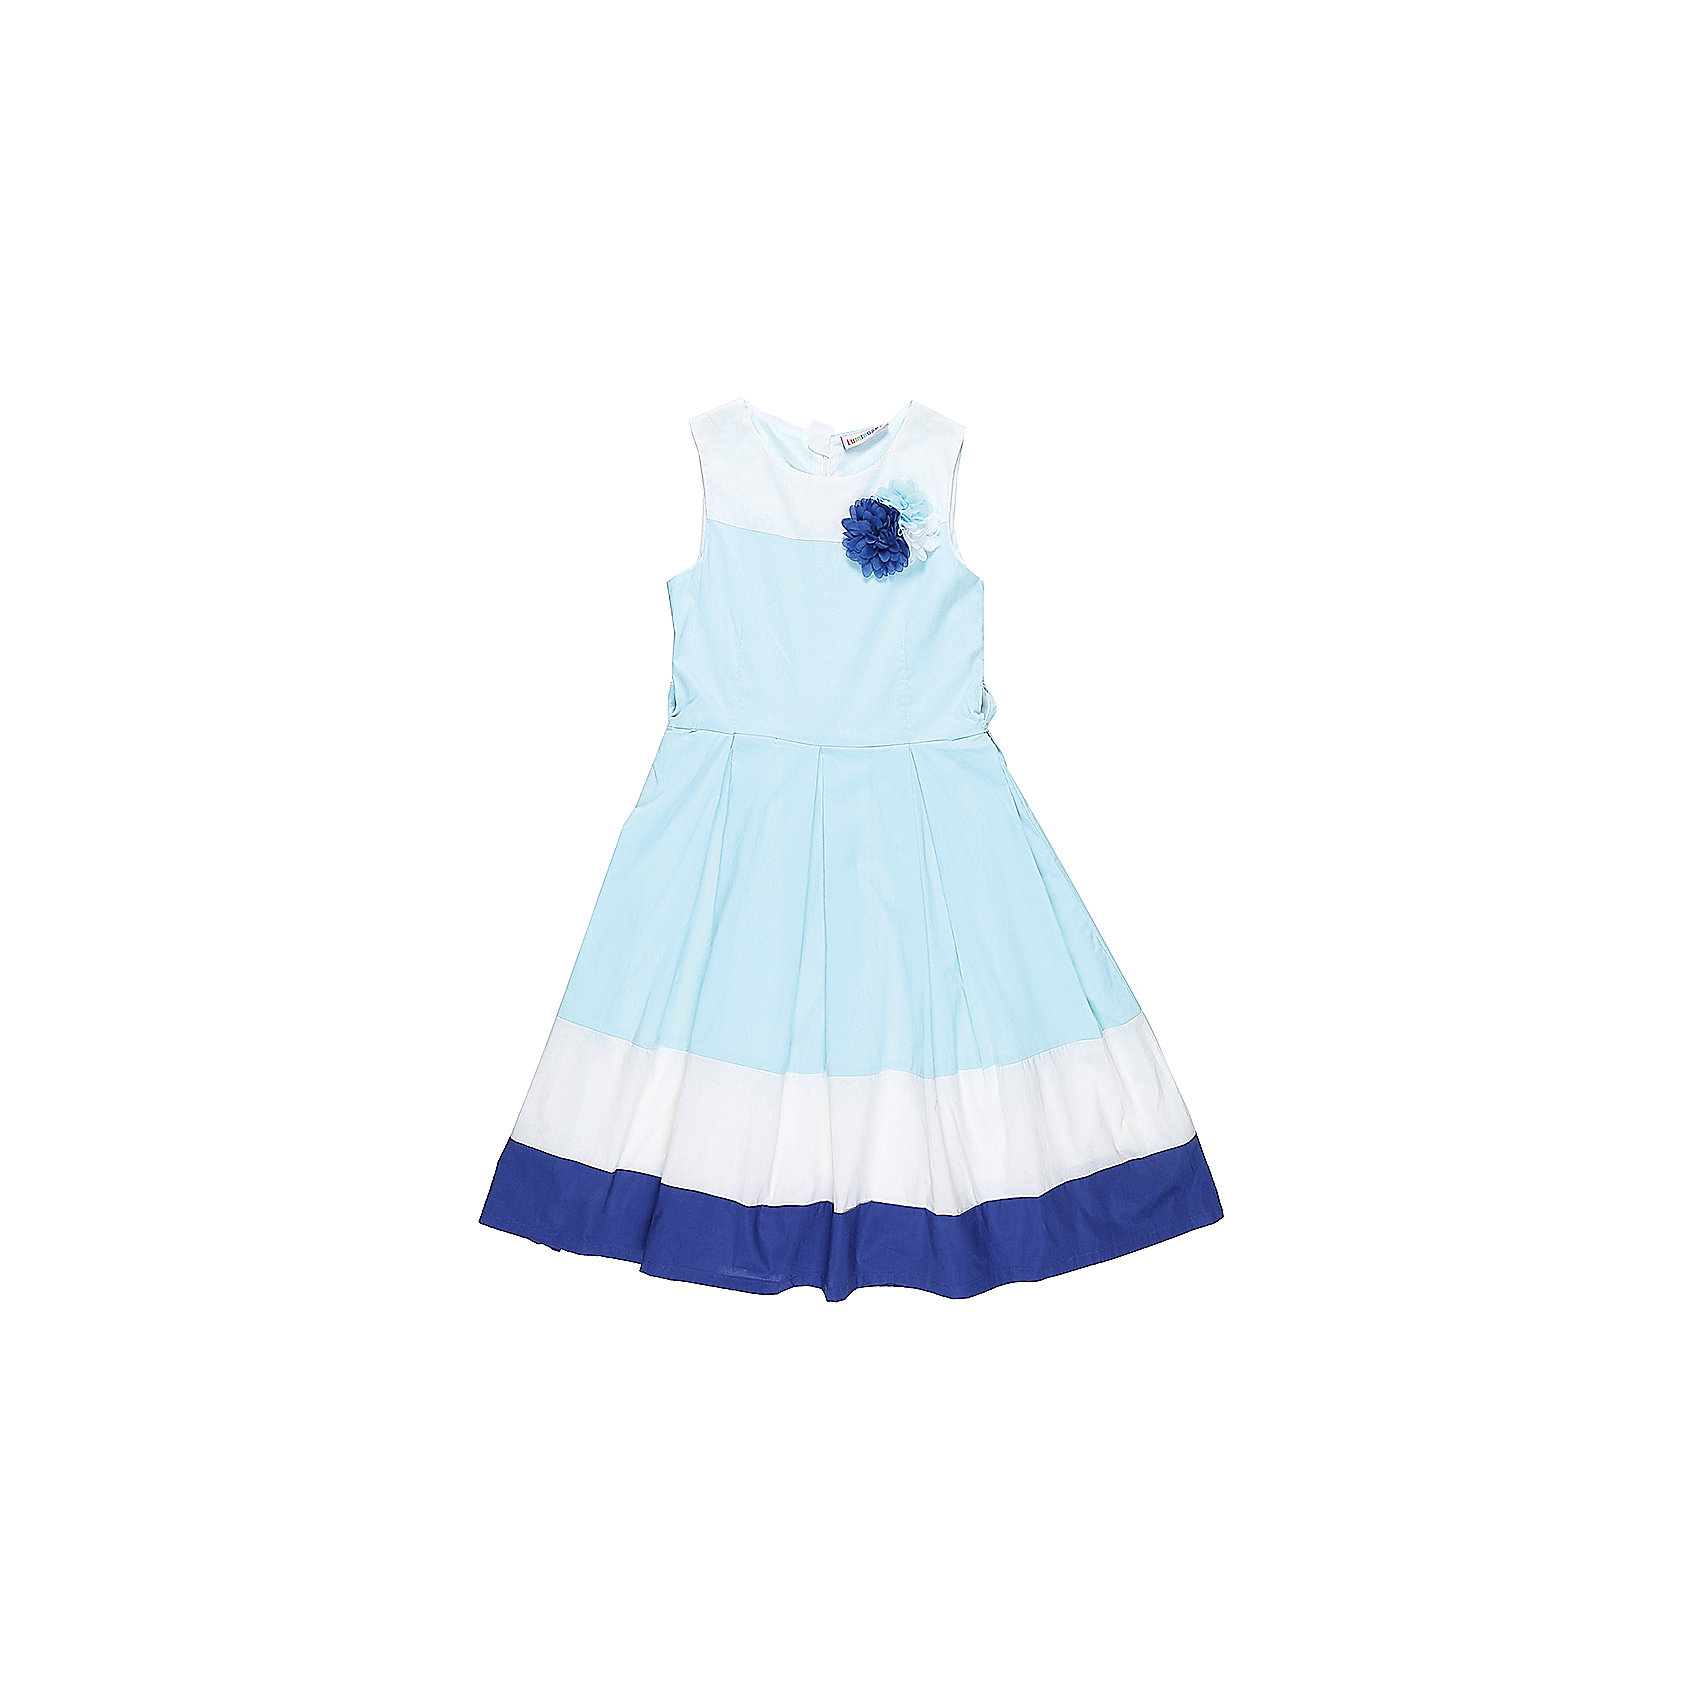 Платье для девочки LuminosoПлатья и сарафаны<br>Классическое хлопковое платье для девочки. Низ изделия декорирован контрастной тканью. Талия подчеркнута тонким пояском. Застегивается на потайную молнию на спинке. Приталенный крой.<br>Состав:<br>Верх: 100% хлопок, Подкладка: 100%хлопок<br><br>Ширина мм: 236<br>Глубина мм: 16<br>Высота мм: 184<br>Вес г: 177<br>Цвет: разноцветный<br>Возраст от месяцев: 108<br>Возраст до месяцев: 120<br>Пол: Женский<br>Возраст: Детский<br>Размер: 140,134,164,158,152,146<br>SKU: 5413136